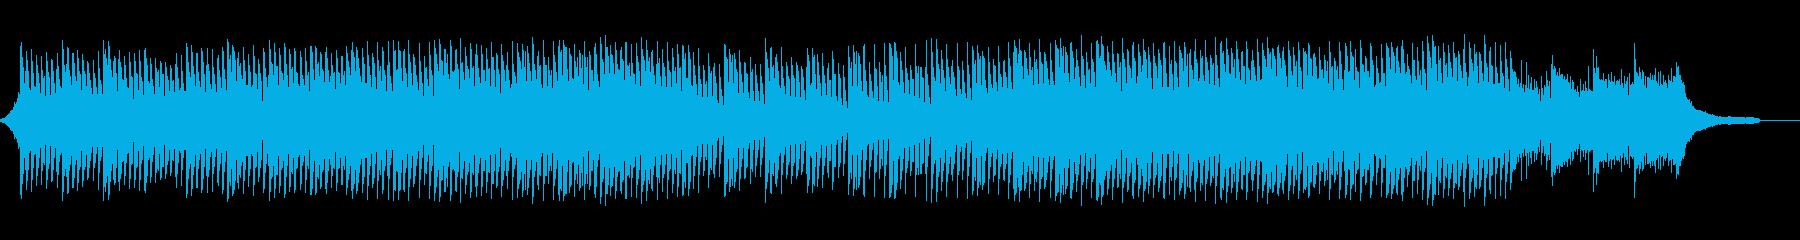 企業VP会社紹介透明感爽やか疾走感A18の再生済みの波形